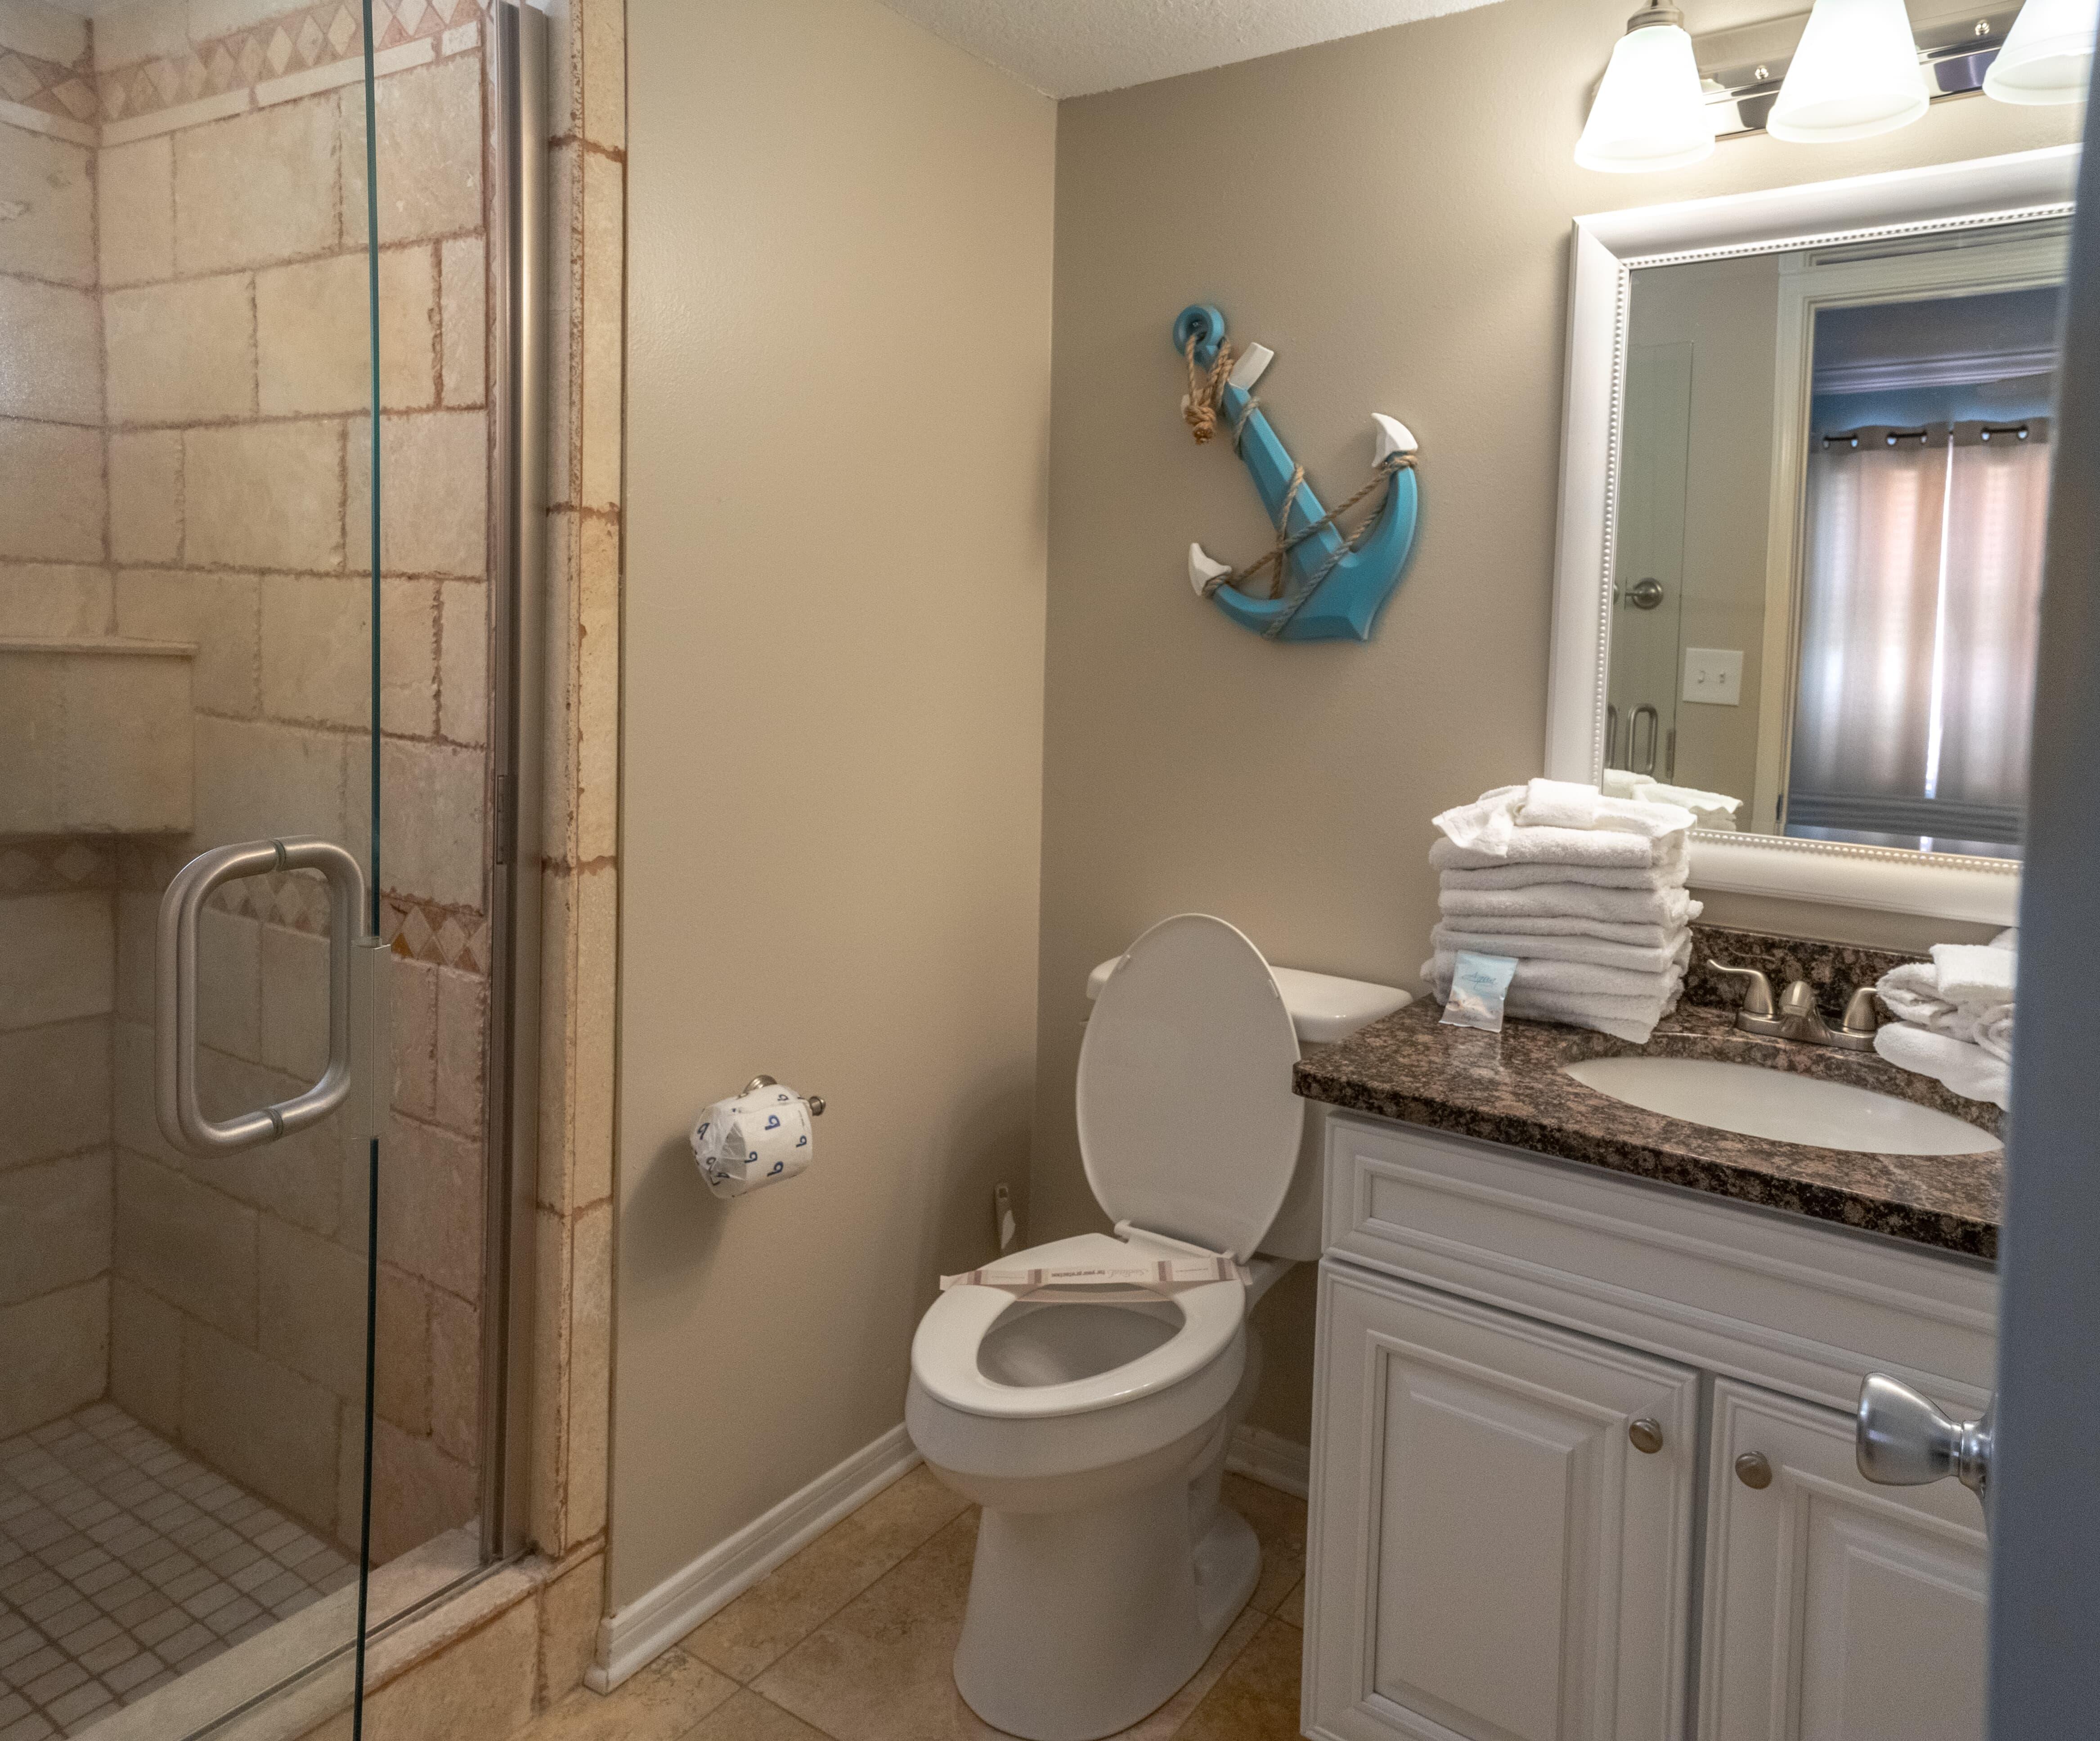 Ocean House 2201 Condo rental in Ocean House - Gulf Shores in Gulf Shores Alabama - #22